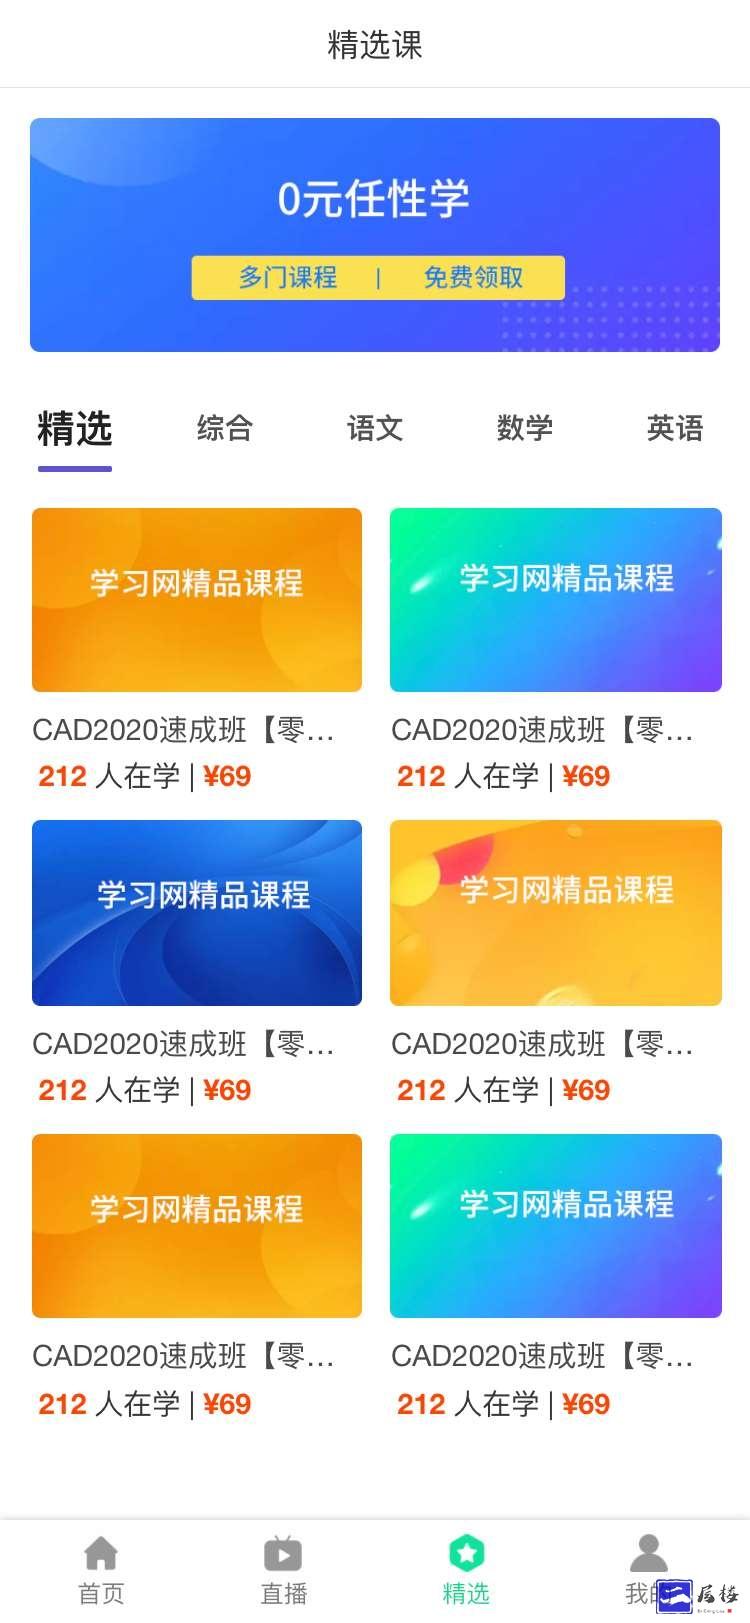 精选课程列表tab手机网页模板插图